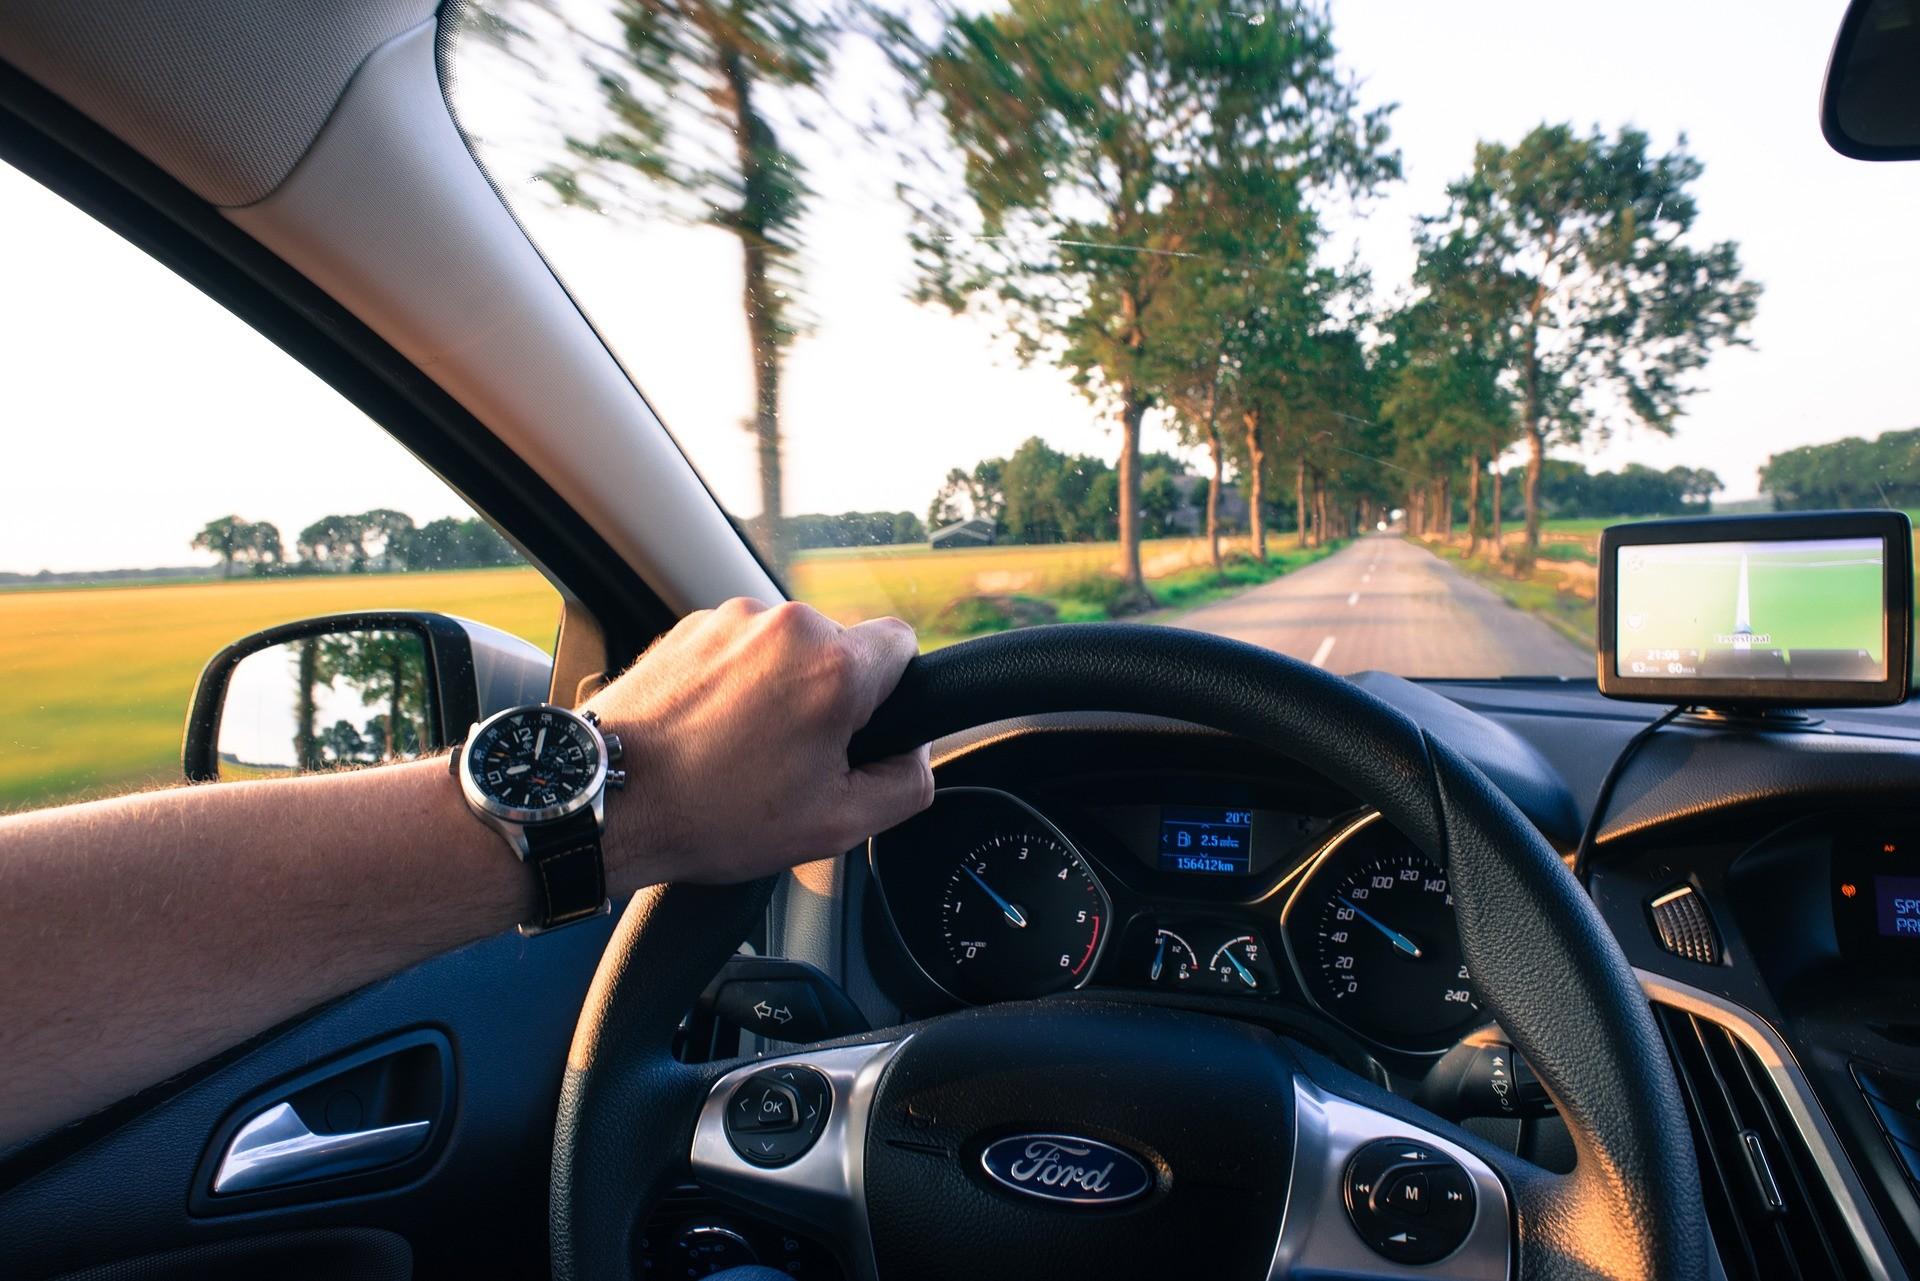 Hogyan változik a különböző márkájú autók értéke az évek alatt?